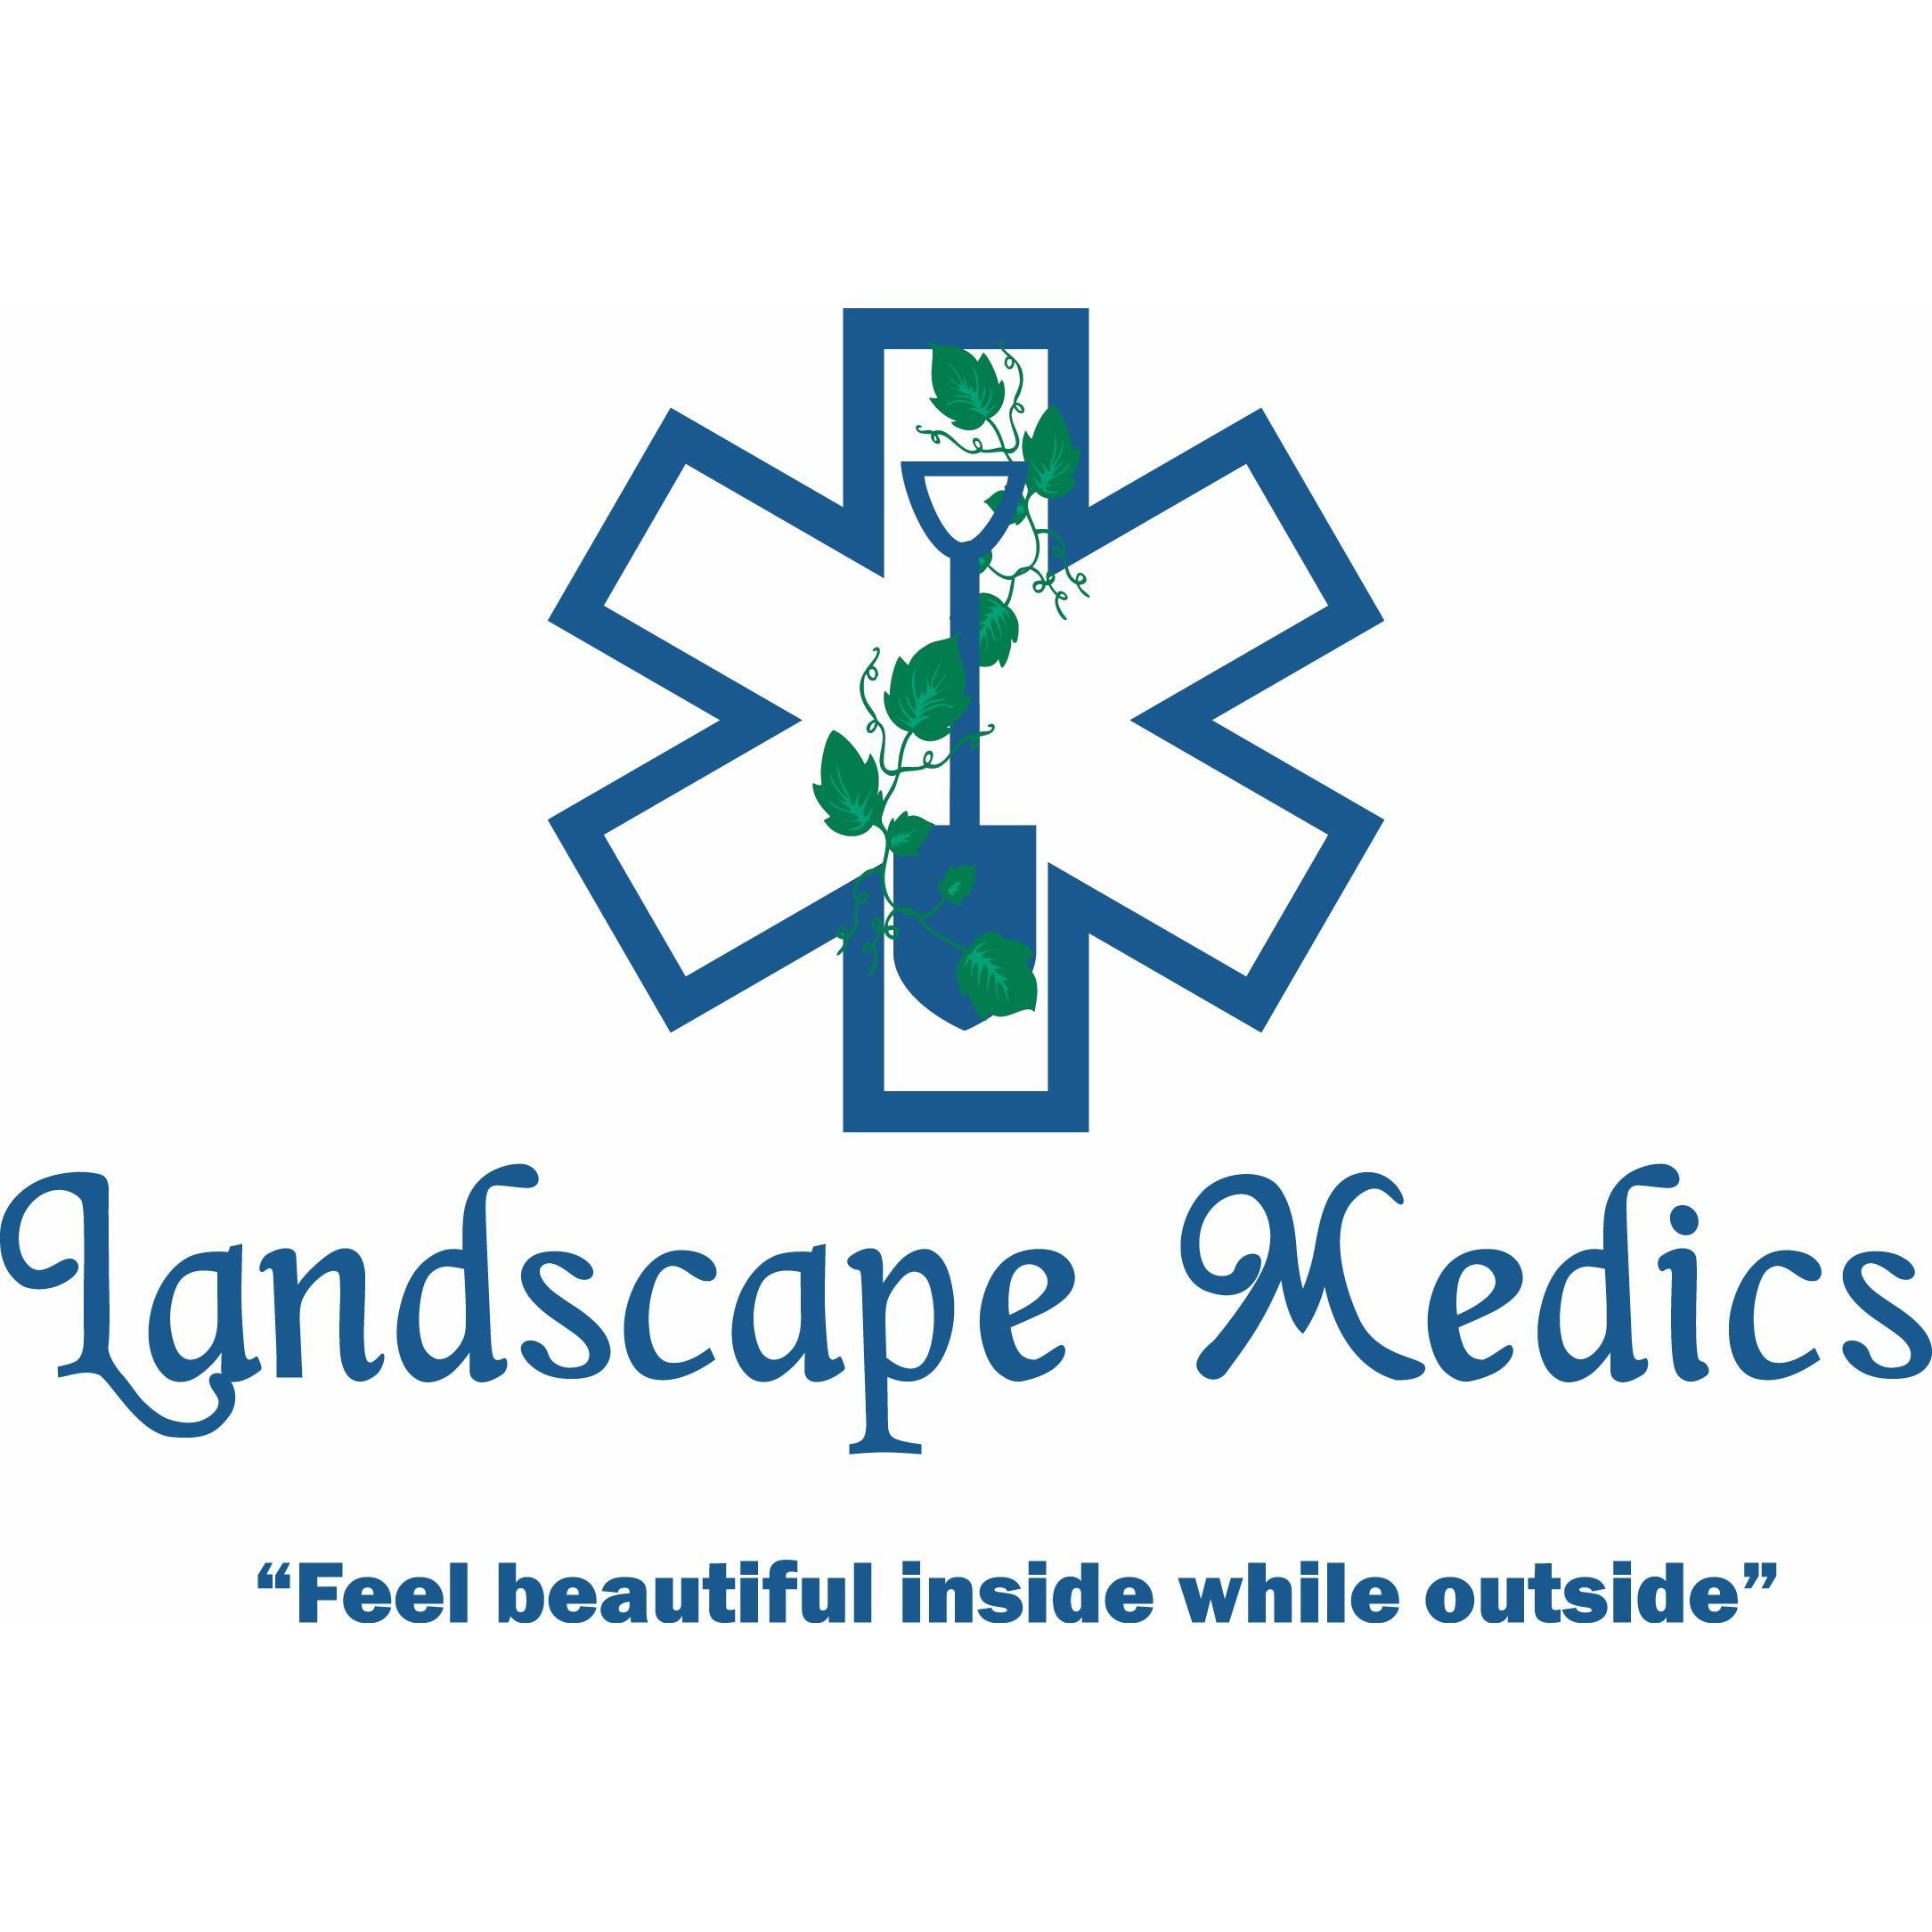 Landscape Medics